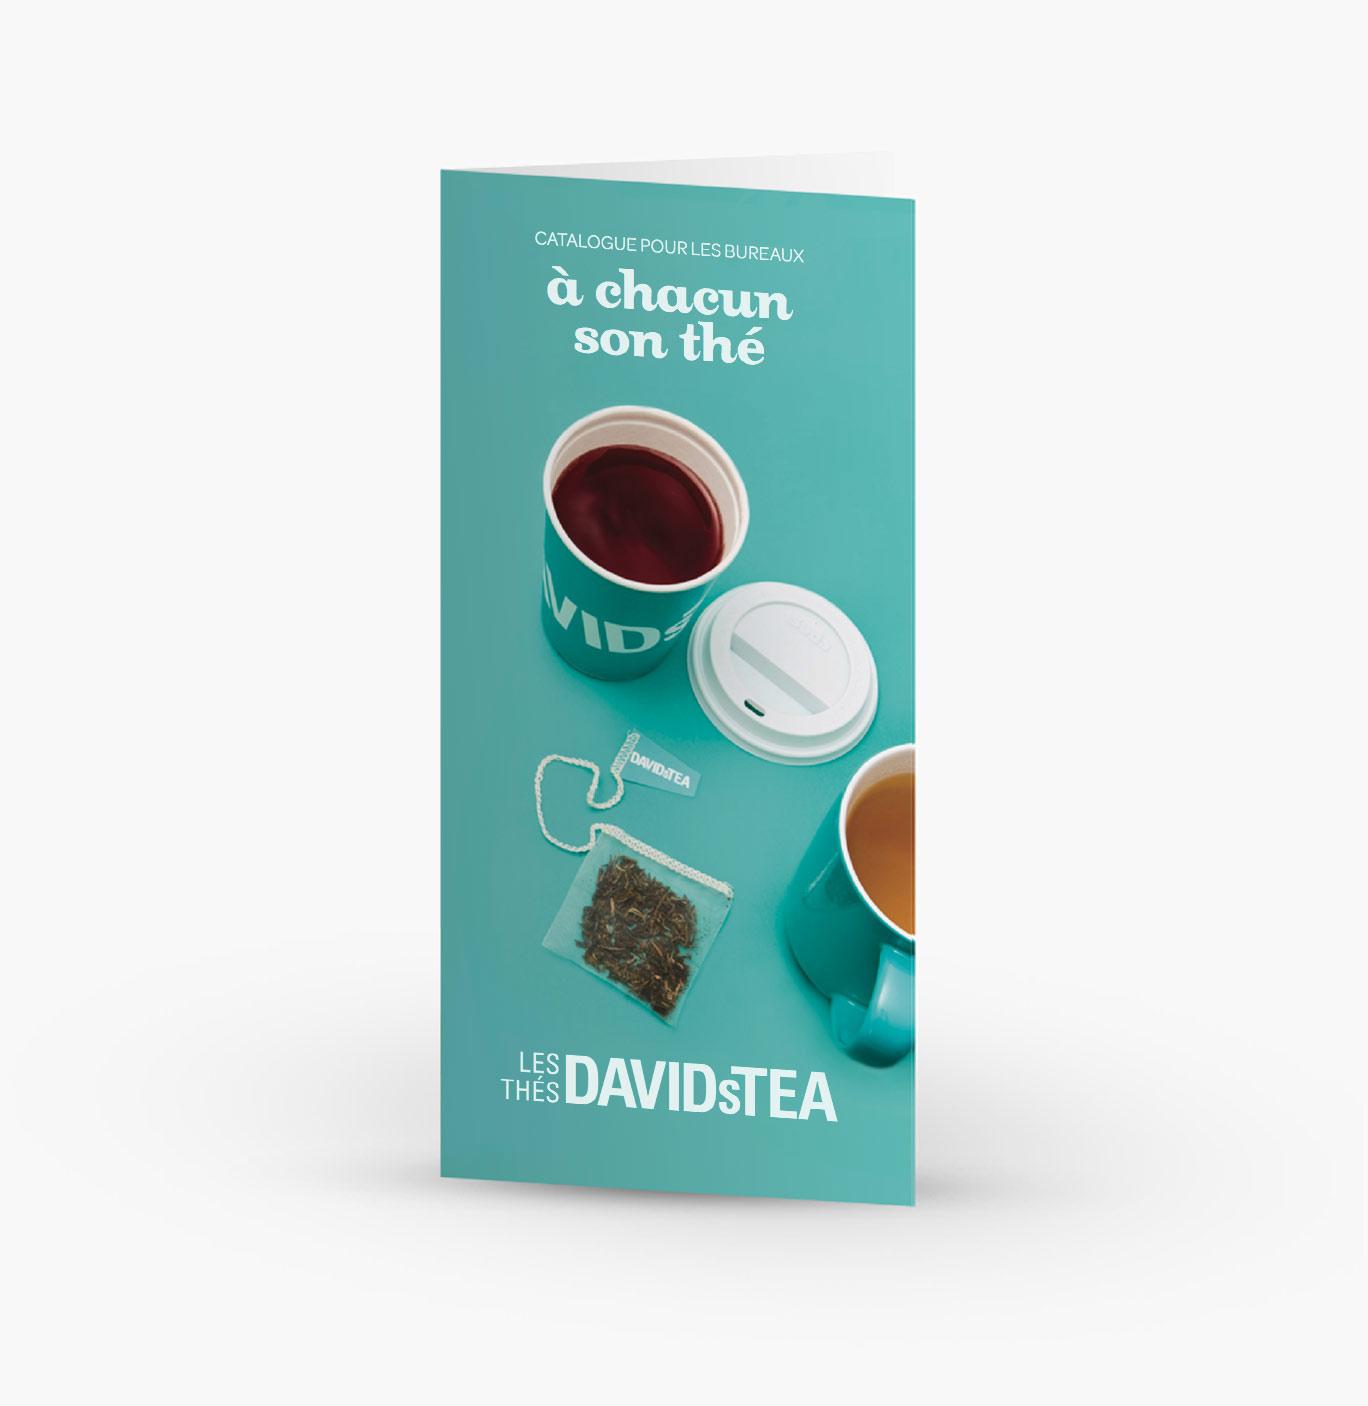 Brochure Les Thés DAVIDsTEA avec tasse pour emporter, couvercle, sachet de thé et tasse 16 oz en céramique sur la page couverture.